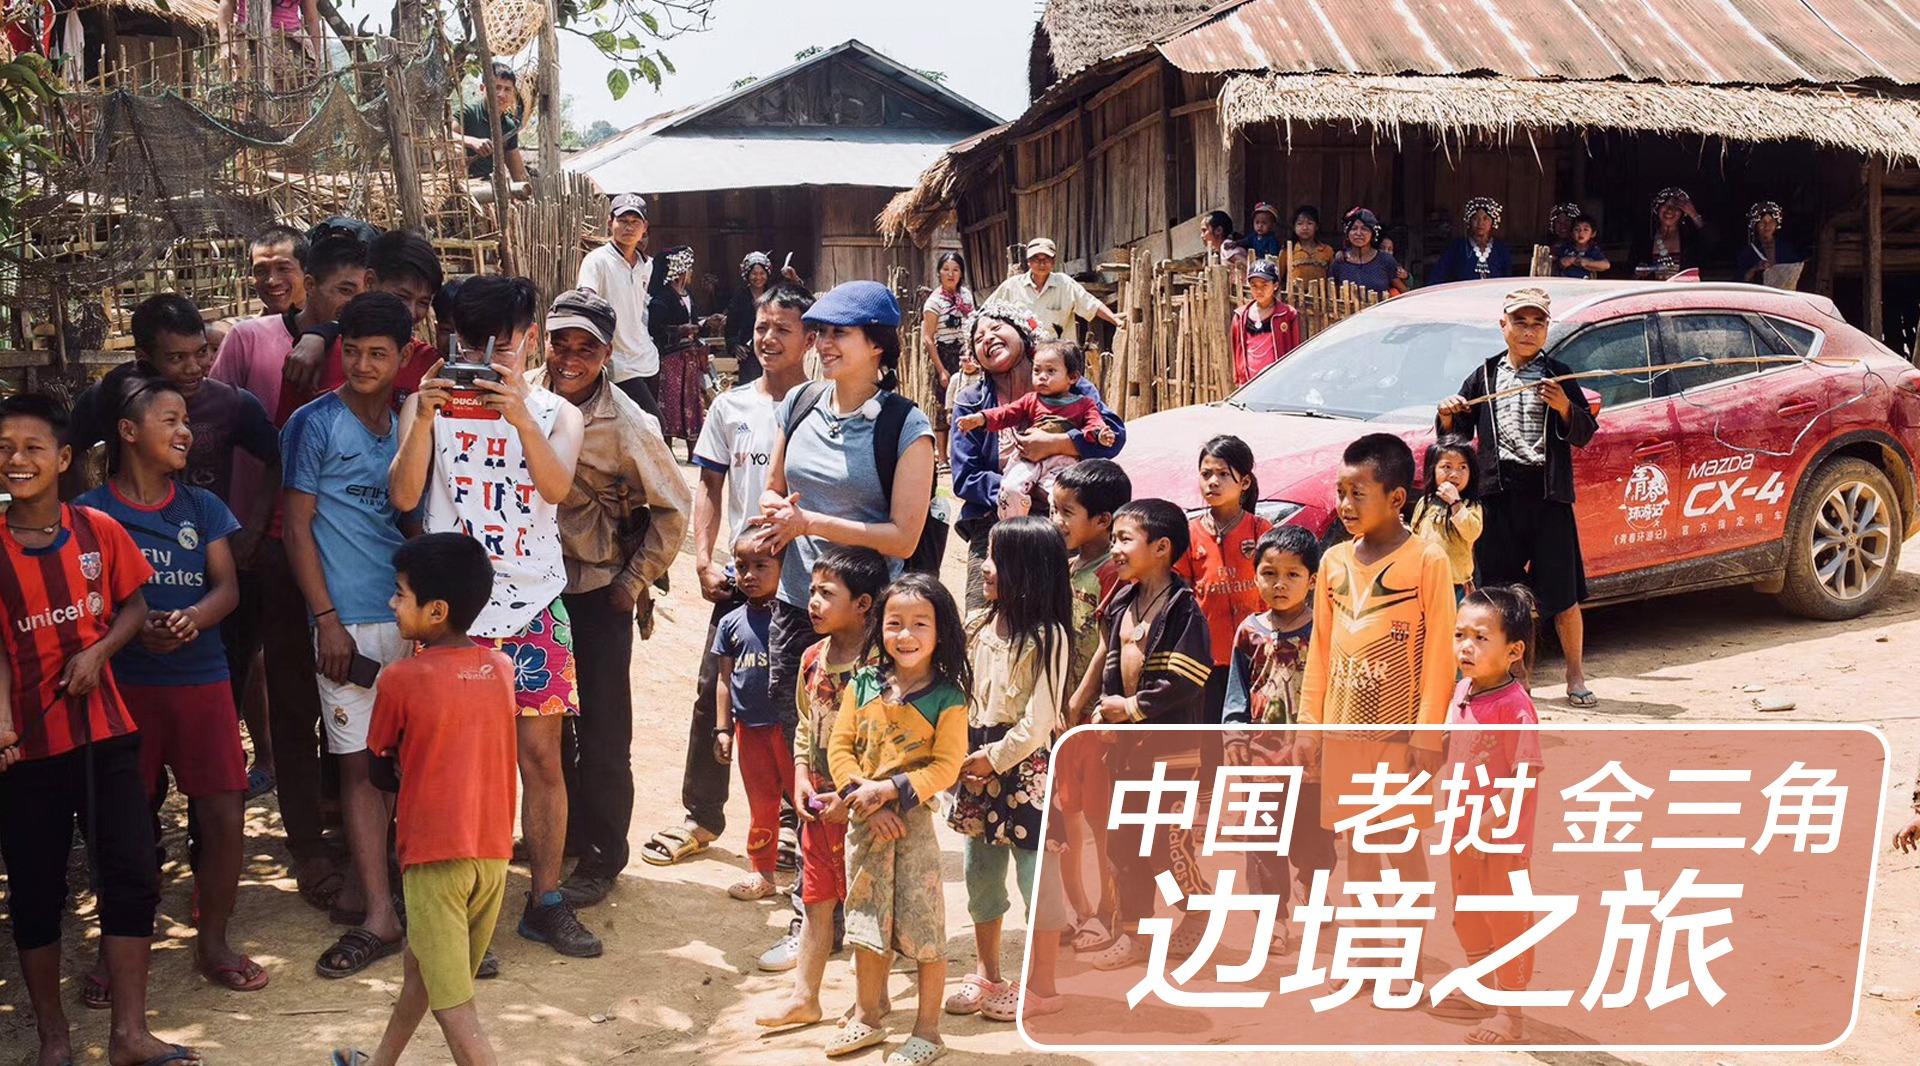 视频:性价比超高,东南亚旅游新选择!马自达CX-4自驾老挝穿越之旅